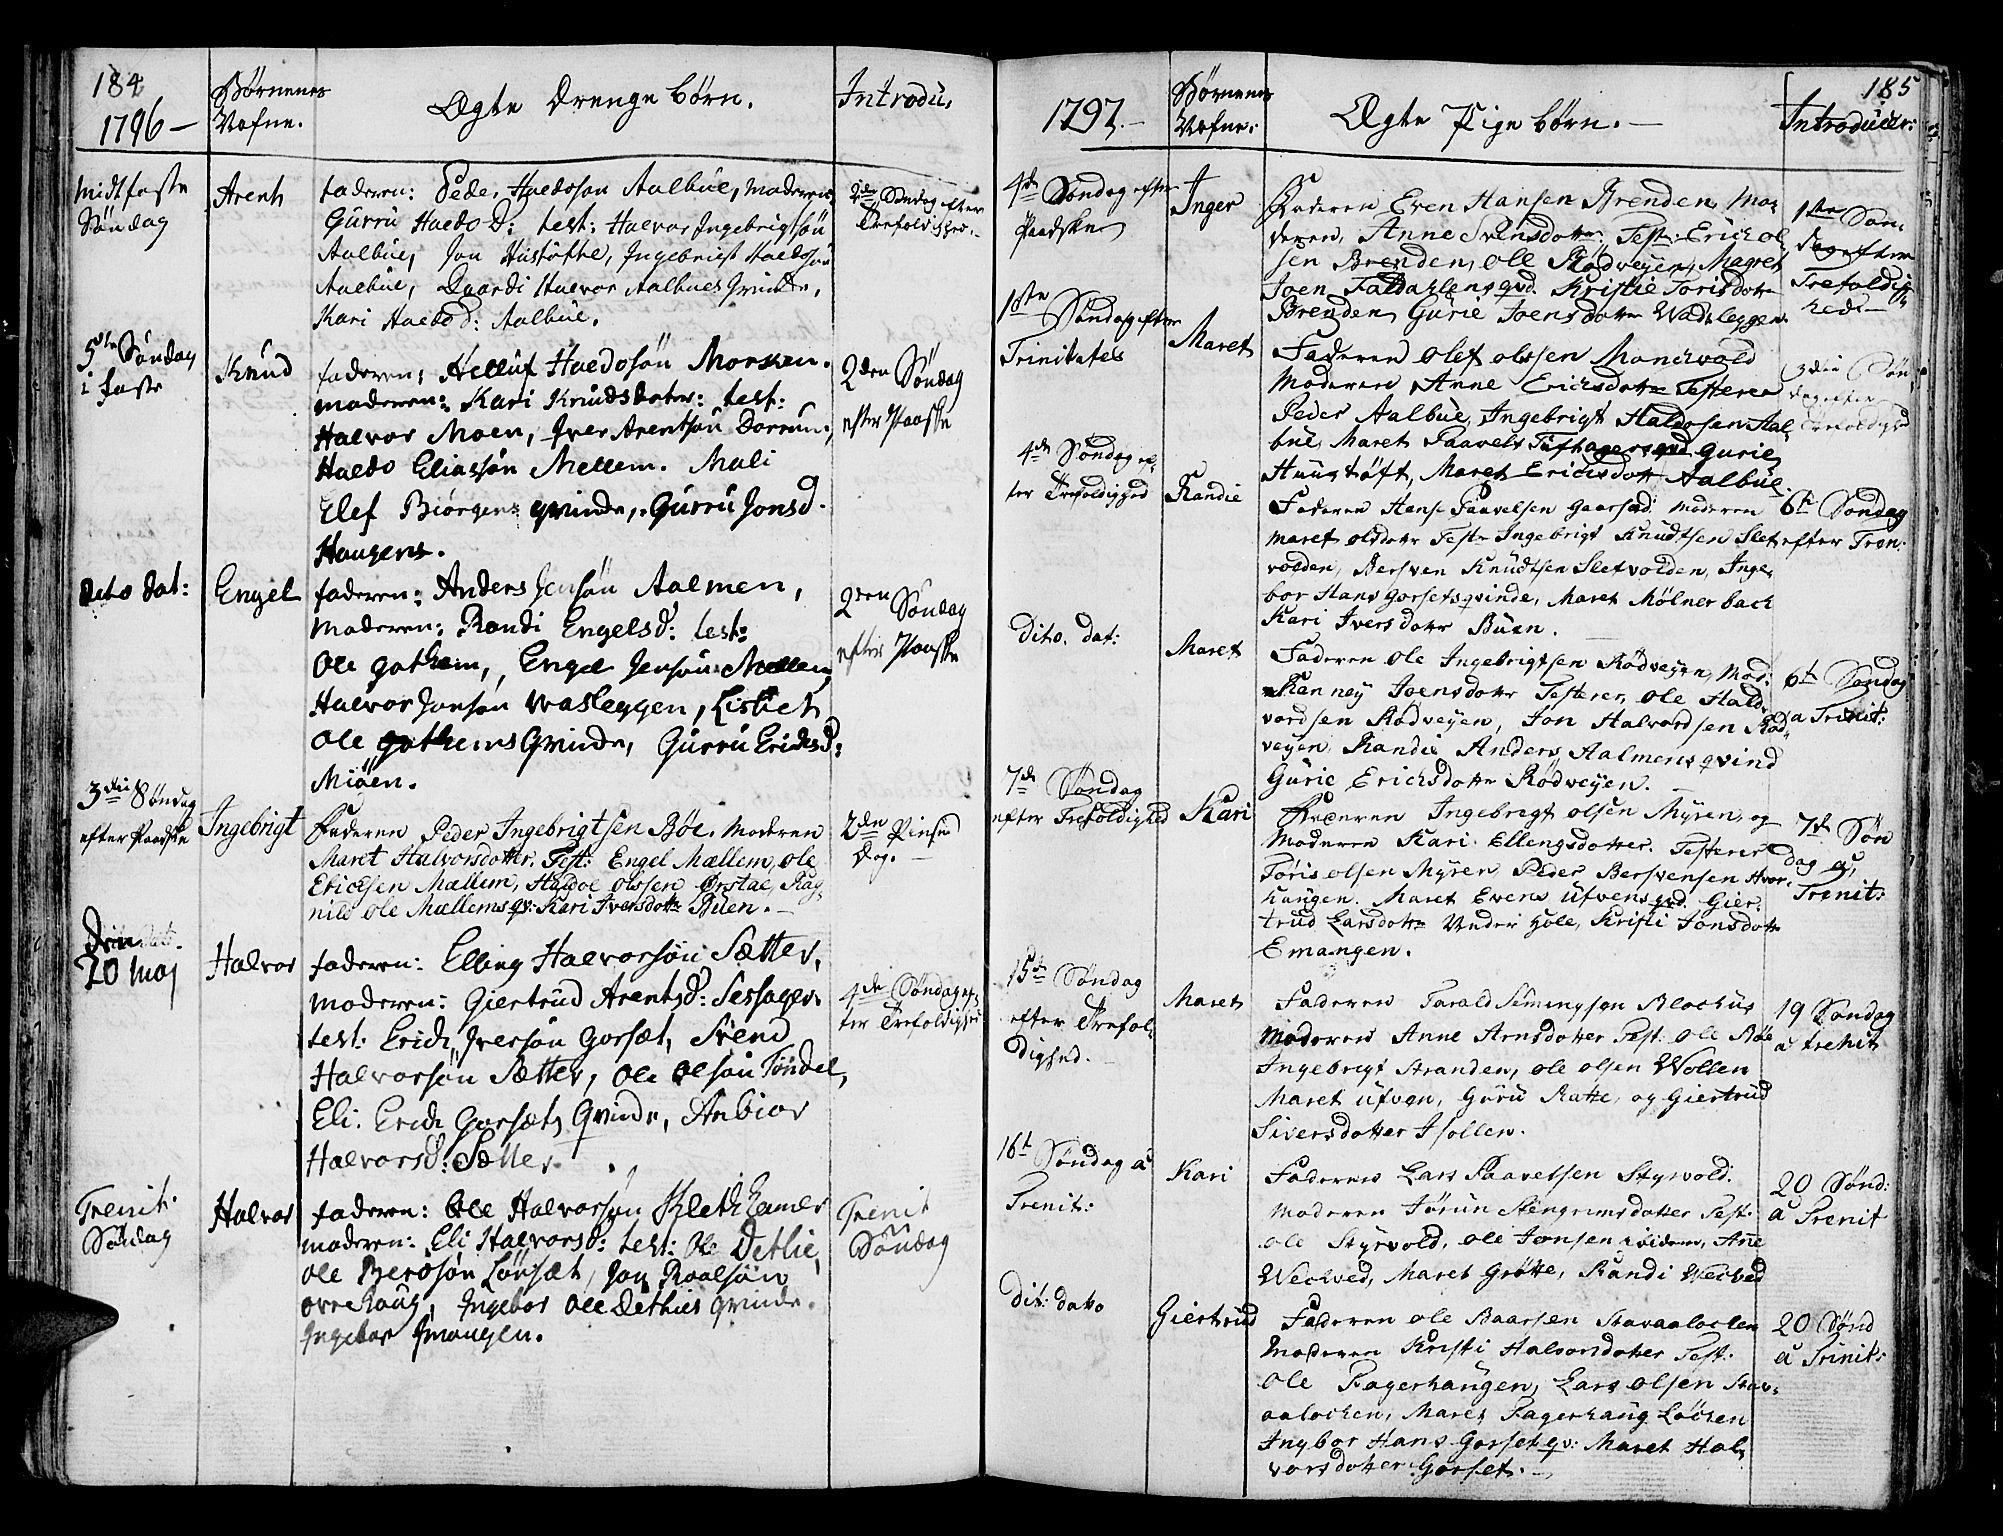 SAT, Ministerialprotokoller, klokkerbøker og fødselsregistre - Sør-Trøndelag, 678/L0893: Ministerialbok nr. 678A03, 1792-1805, s. 184-185